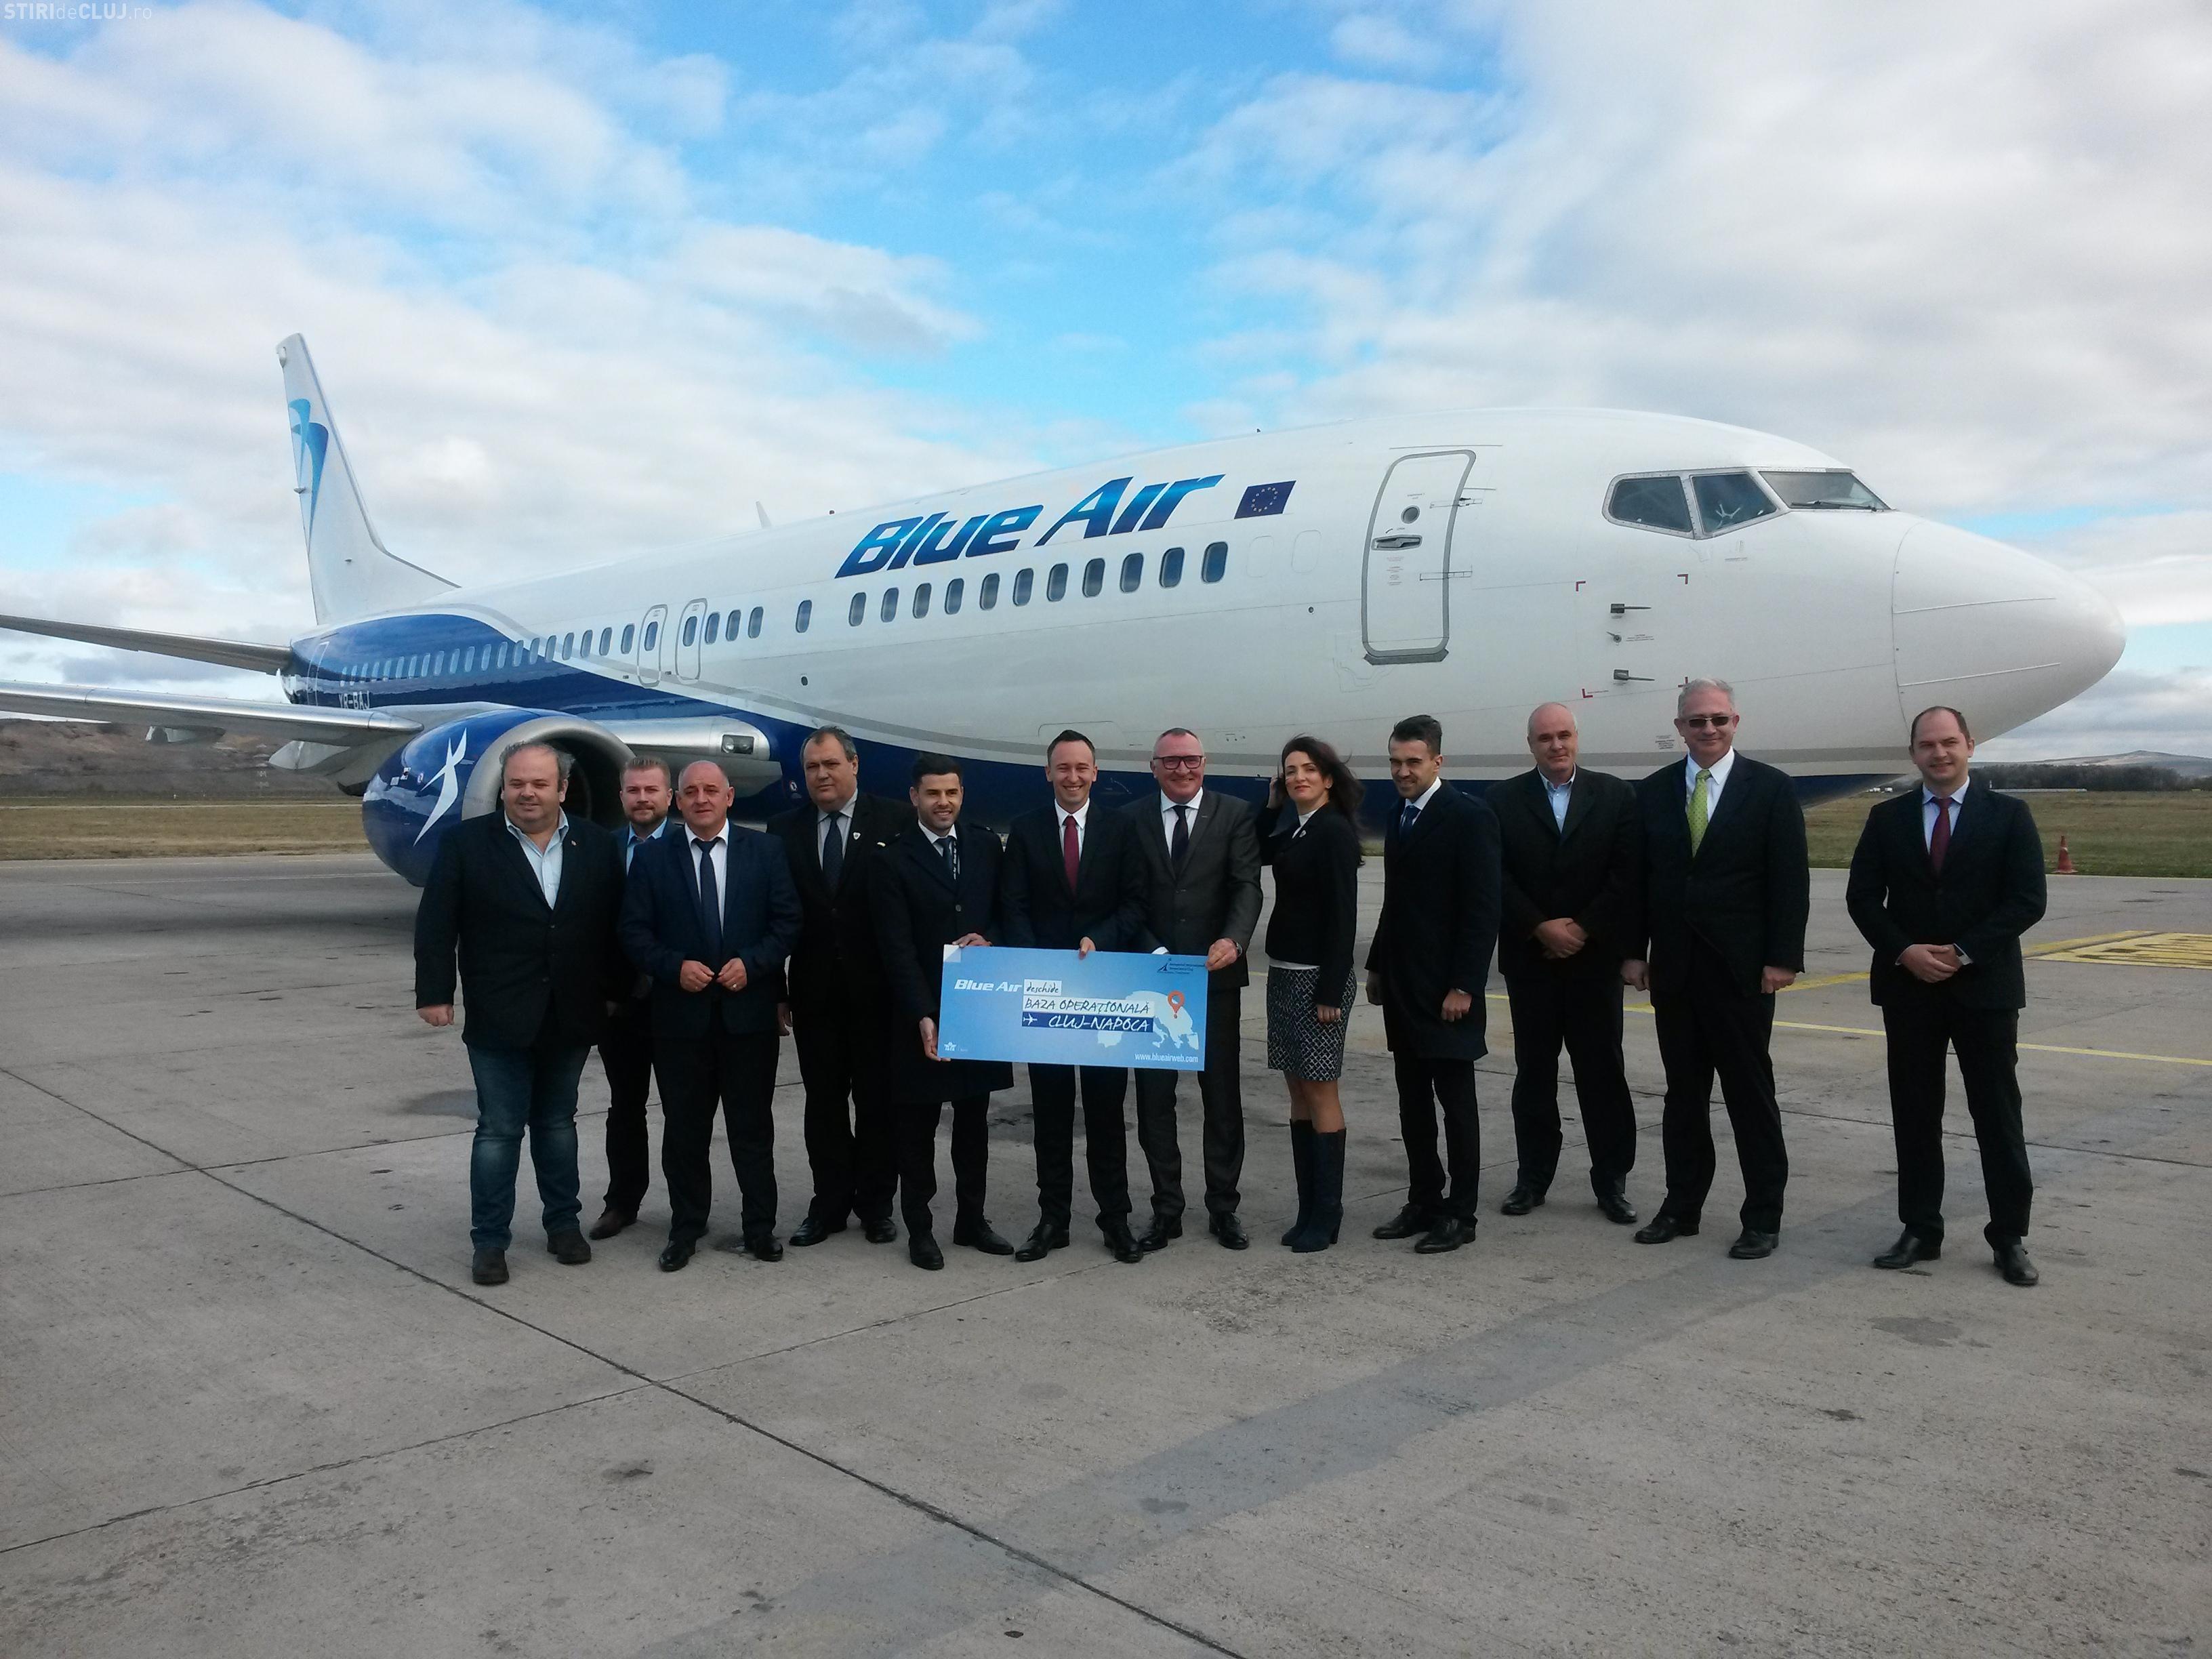 Blue Air a luat o DECIZIE importantă privind Clujul! A deschis o bază operaţională pe Aeroportul Cluj-Napoca